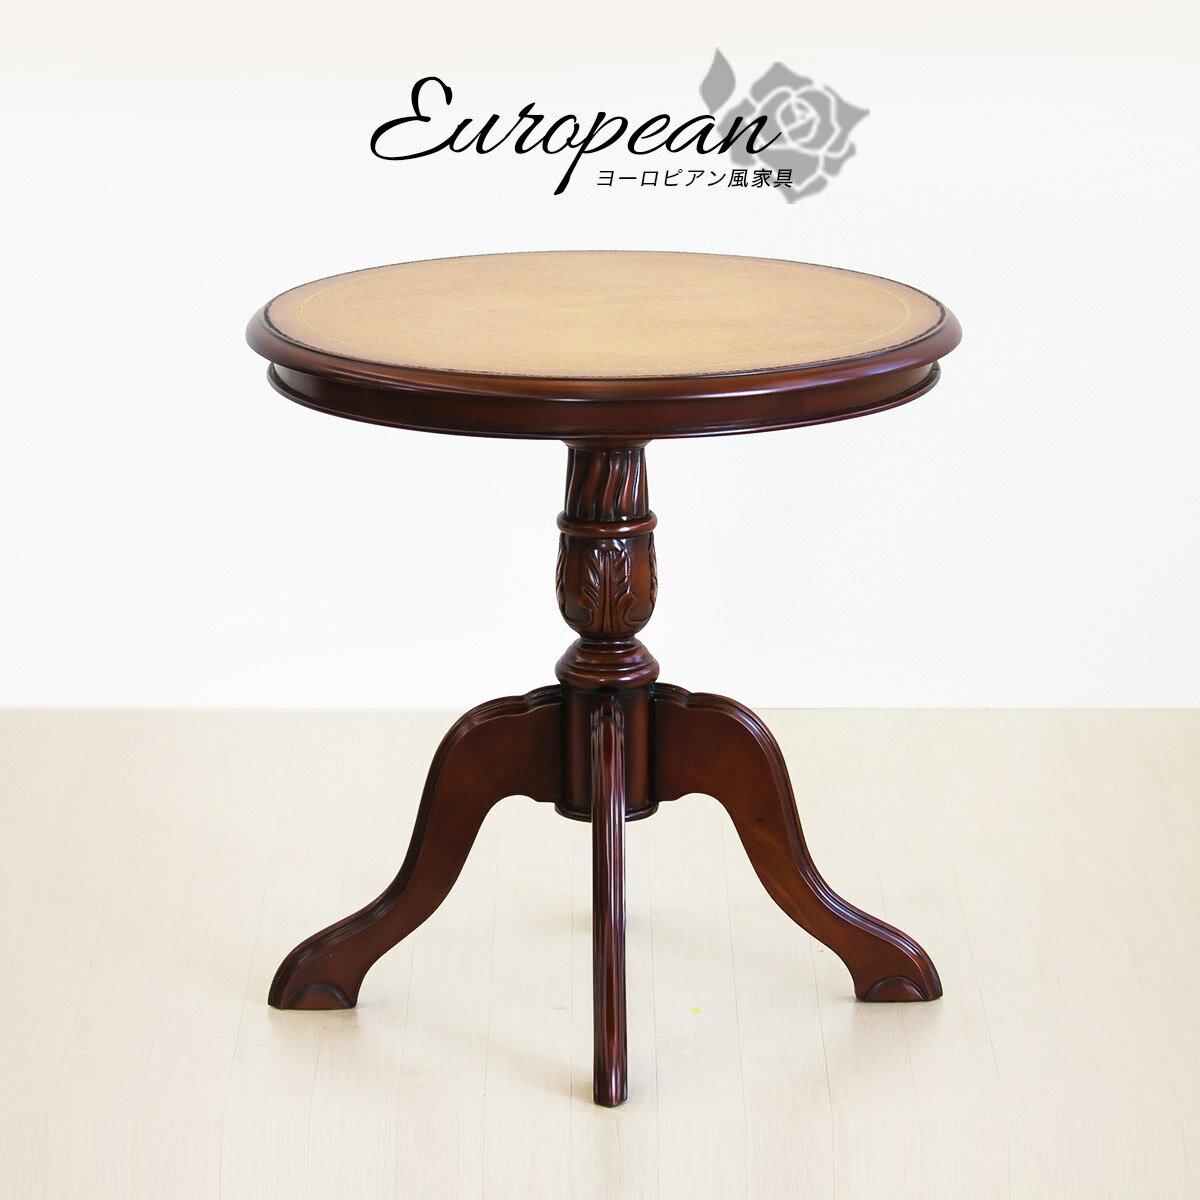 テーブル ( ヨーロピアン アンティーク風 クラシックテーブル ) 小型テーブル ラウンドテーブル 丸テーブル サイドテーブル 優雅クラシック 上品 ブラウン/木製/通販/送料無料 新生活